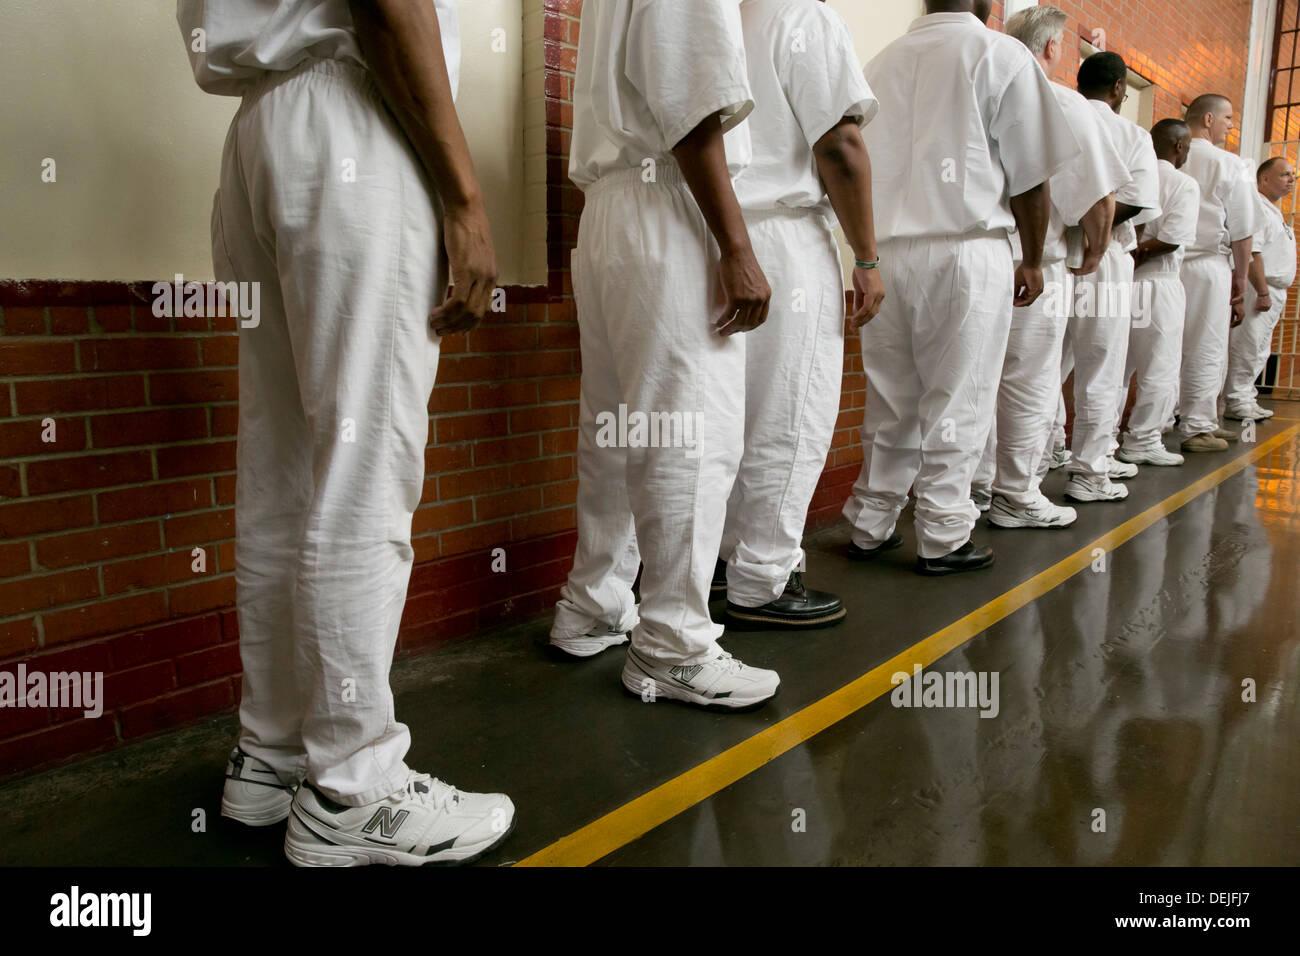 Jail Stock Photos & Jail Stock Images - Alamy